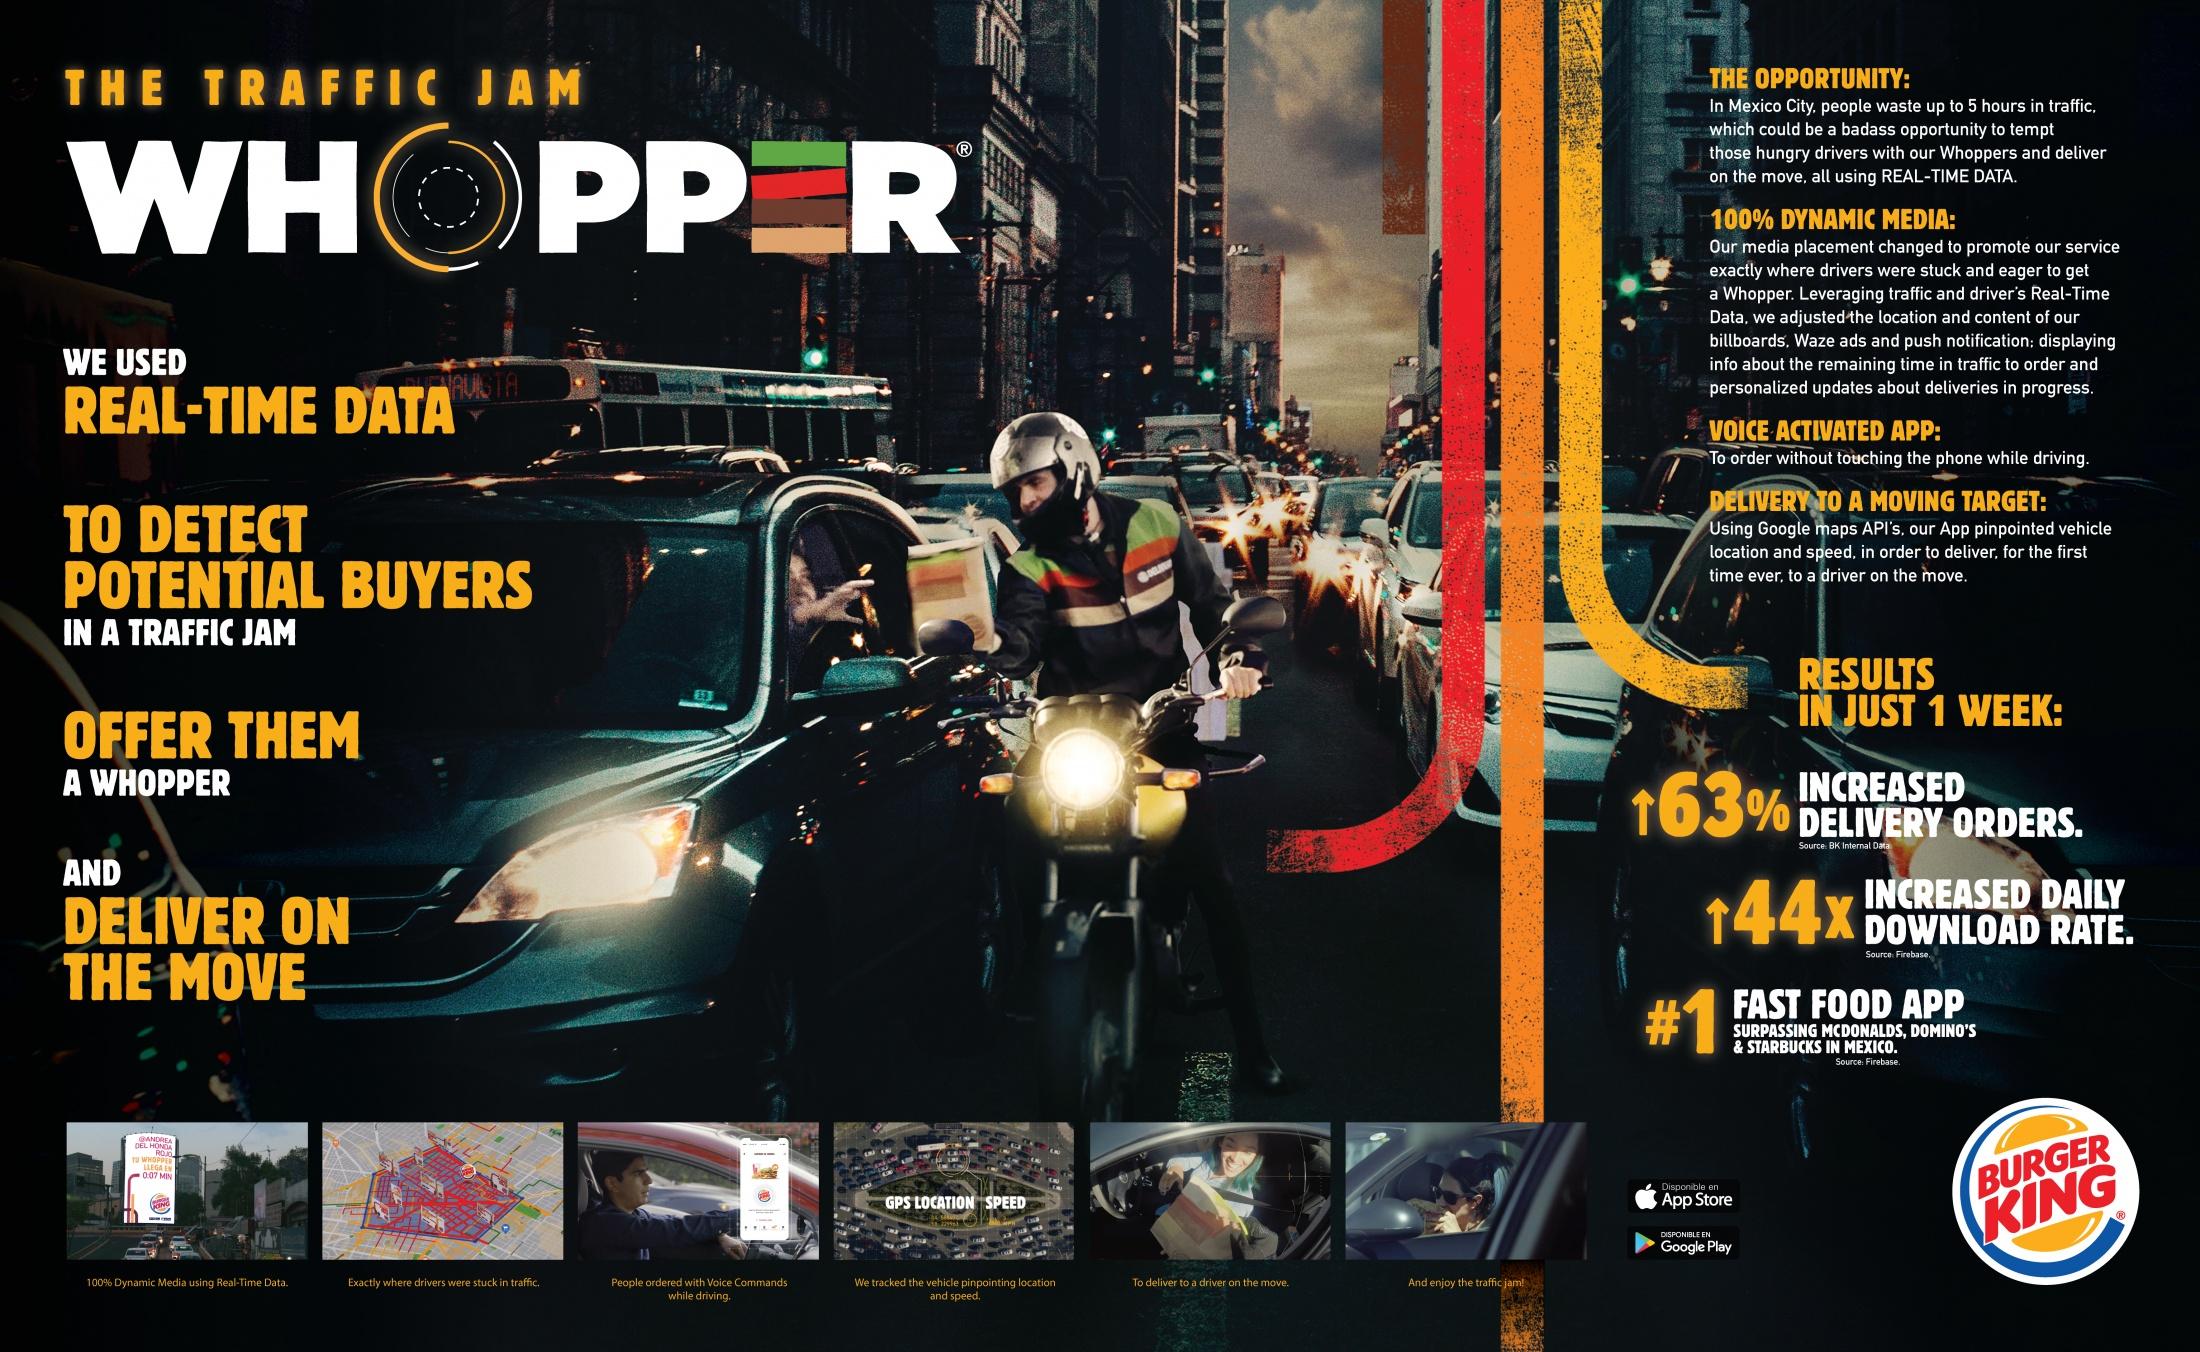 Thumbnail for The Traffic Jam Whopper